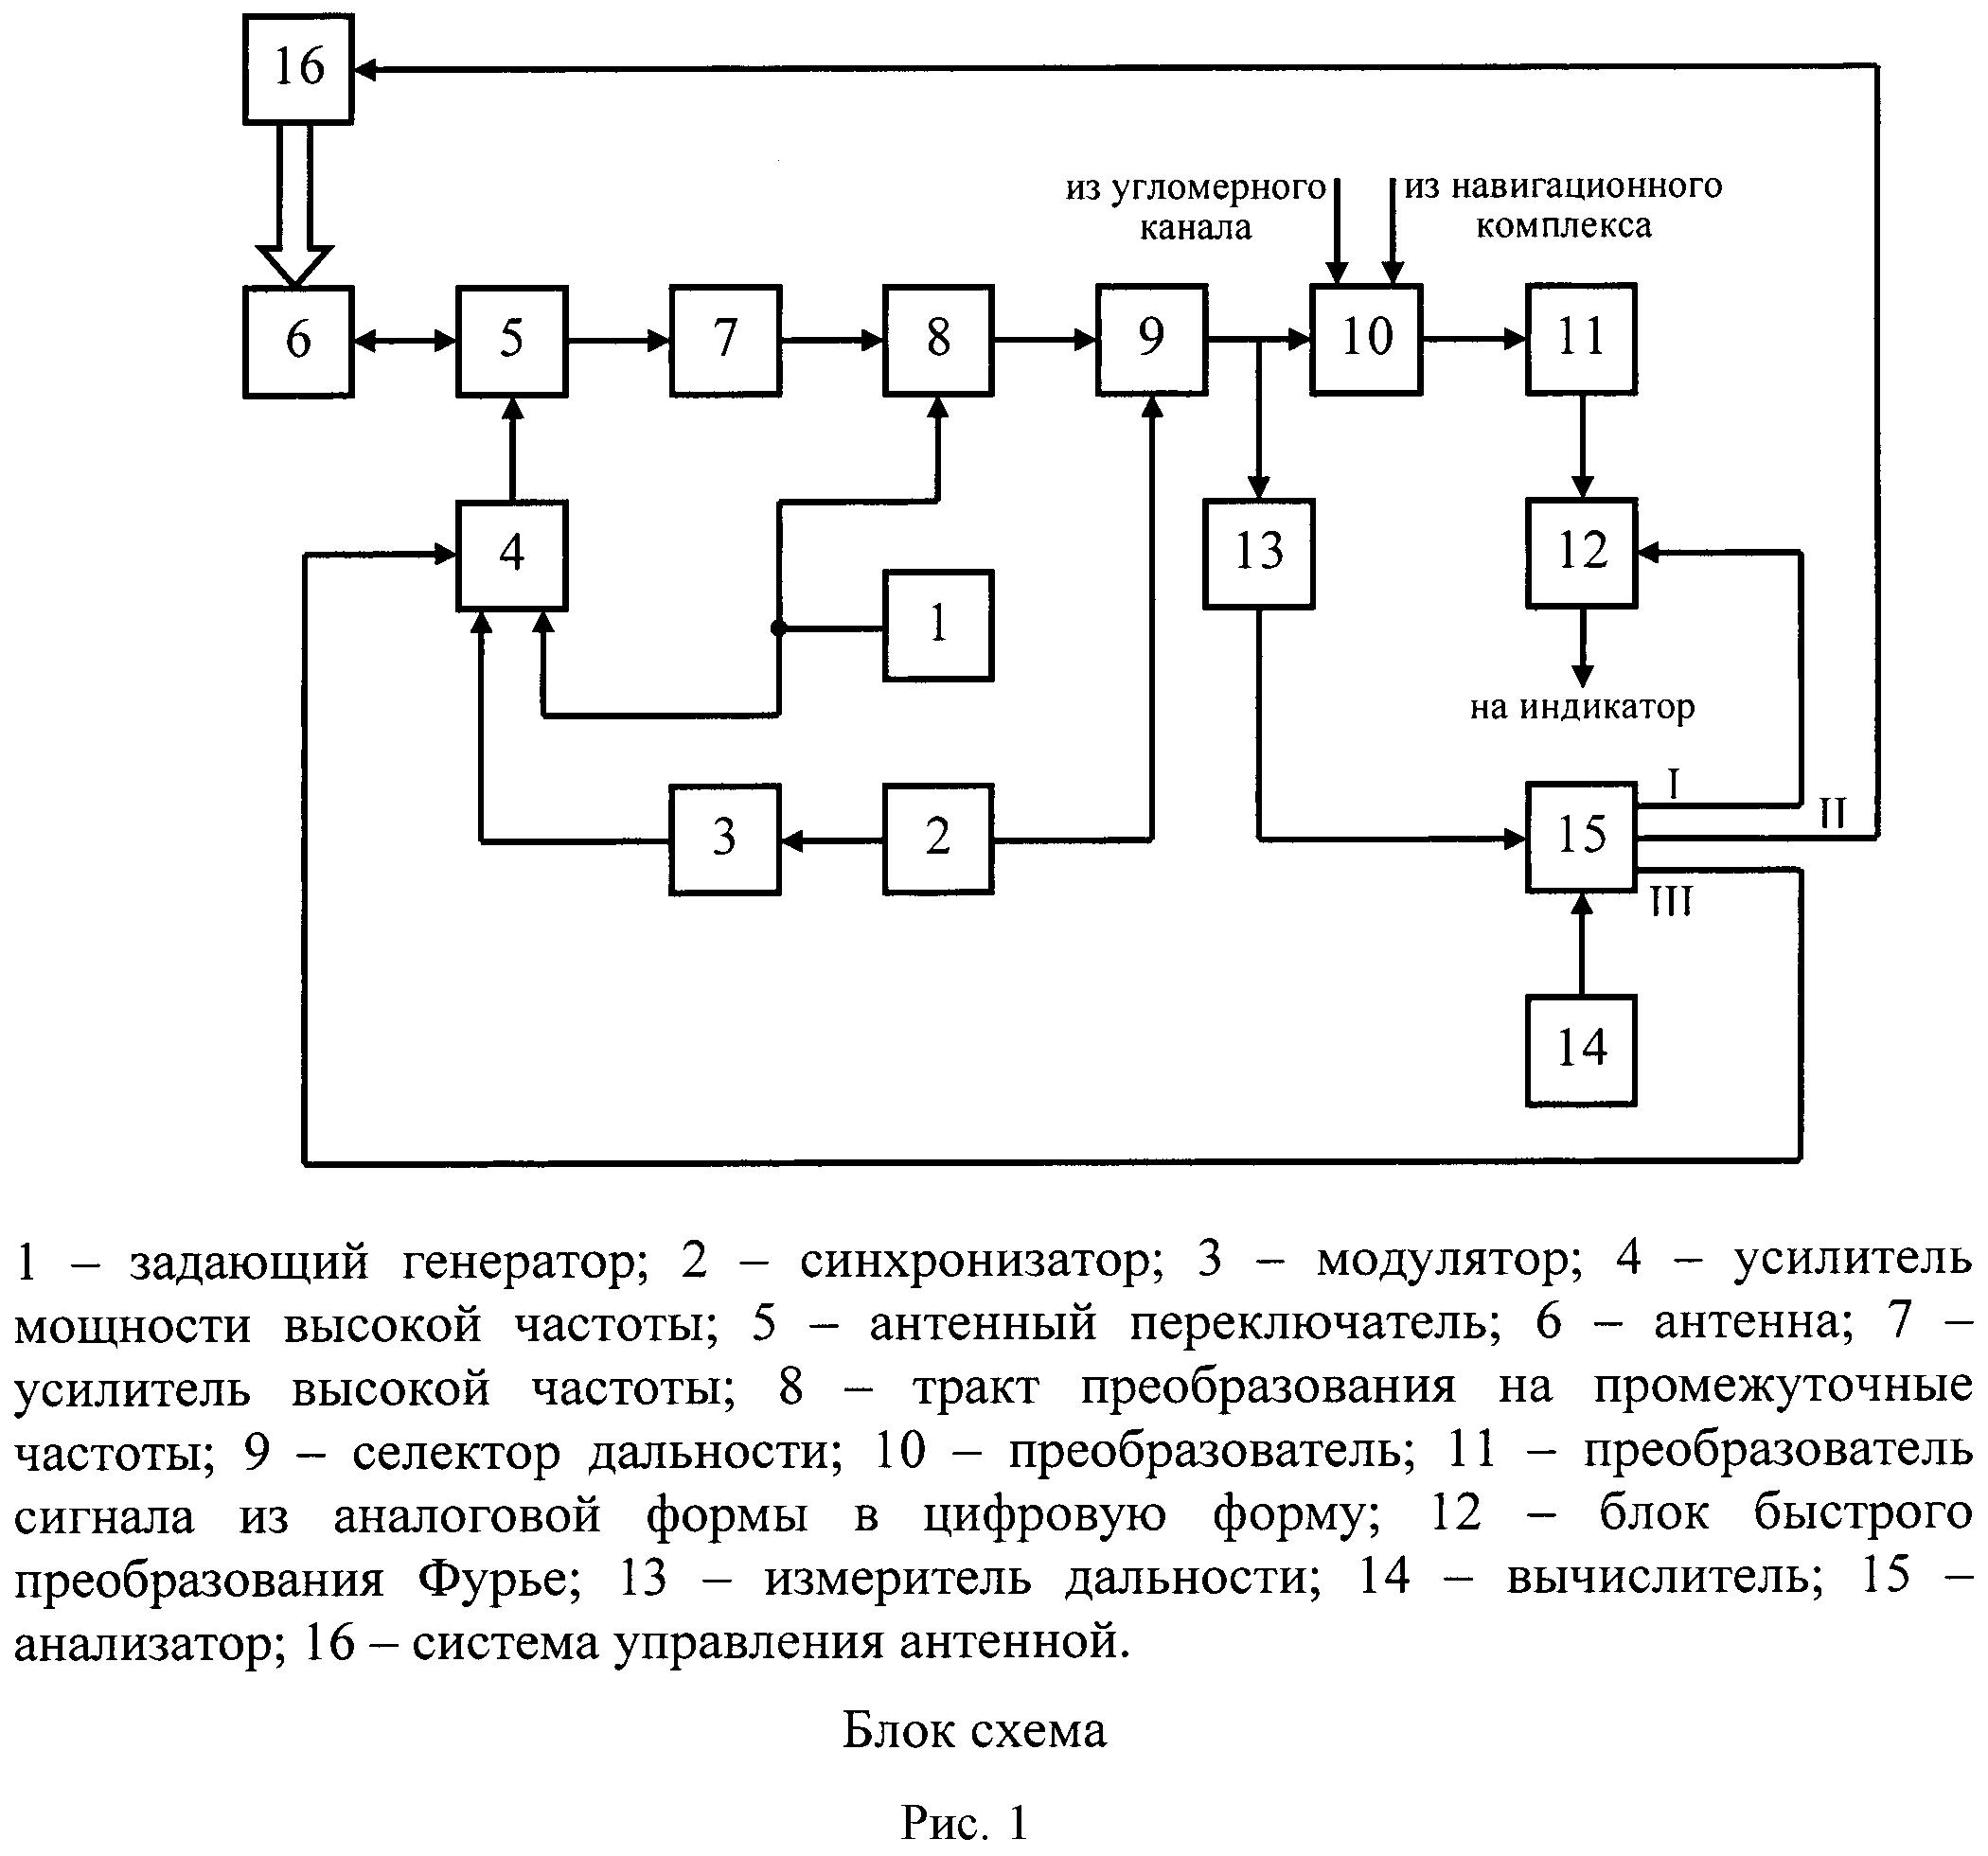 Способ функционирования импульсно-доплеровской бортовой радиолокационной станции при обнаружении воздушной цели - носителя станции радиотехнической разведки